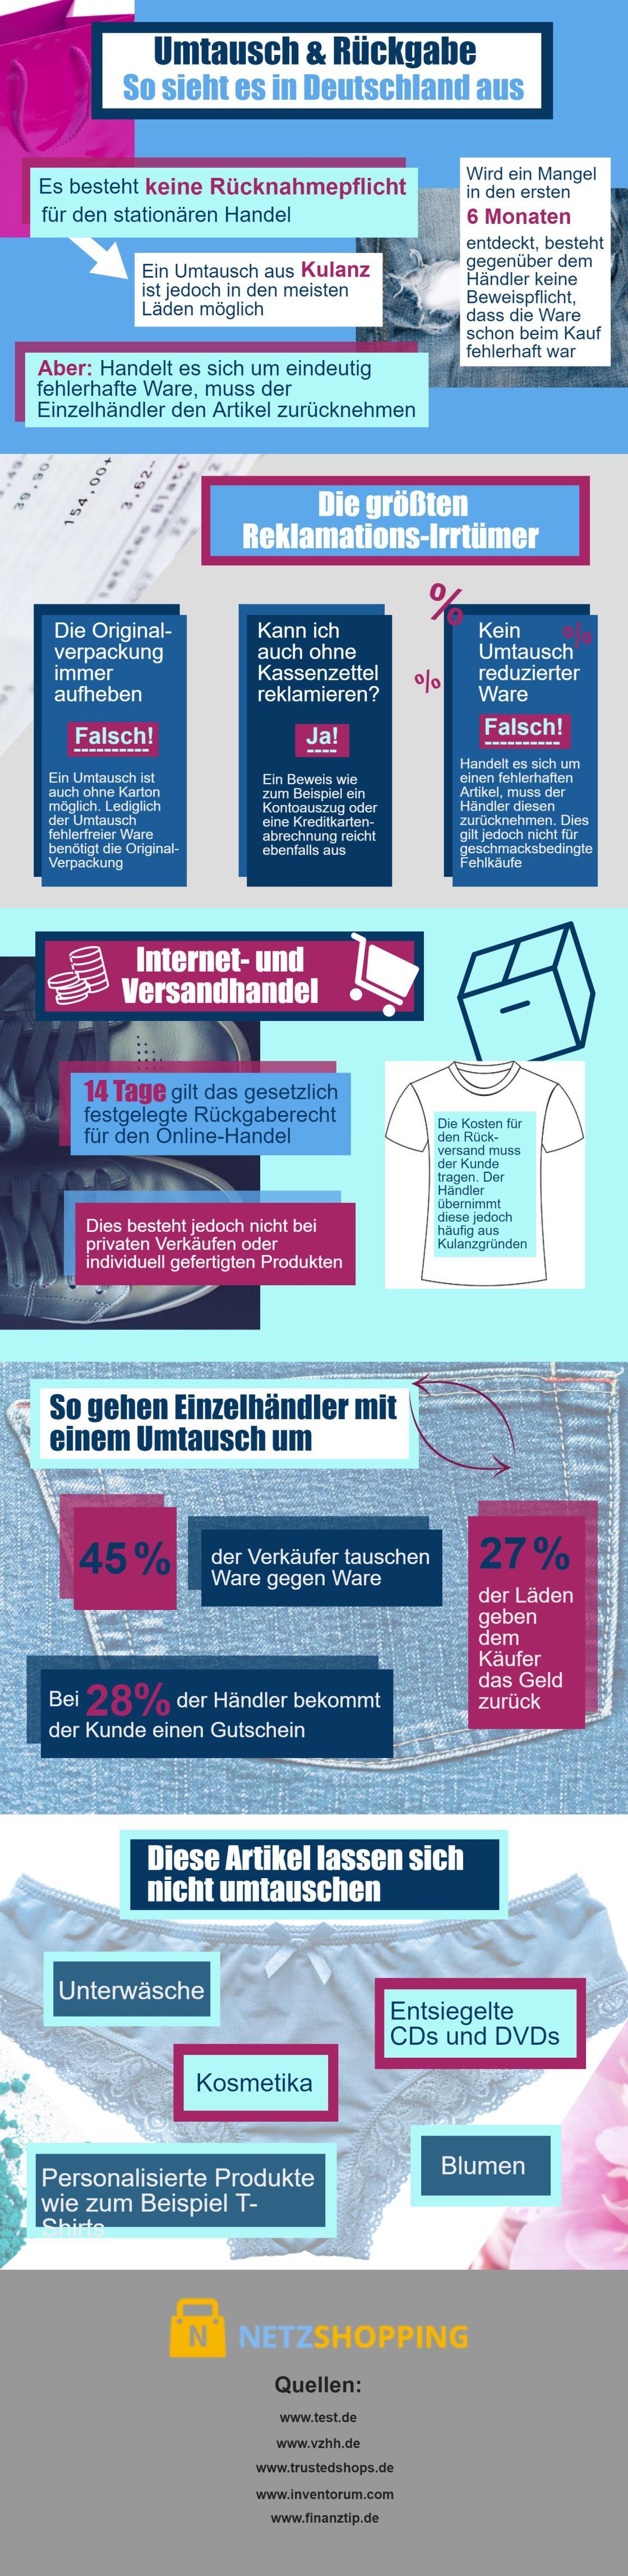 umtausch und rückgabe so sieht die rechtslage in deutschland ausUmtausch Und Rckgabe Ezp 8 #1